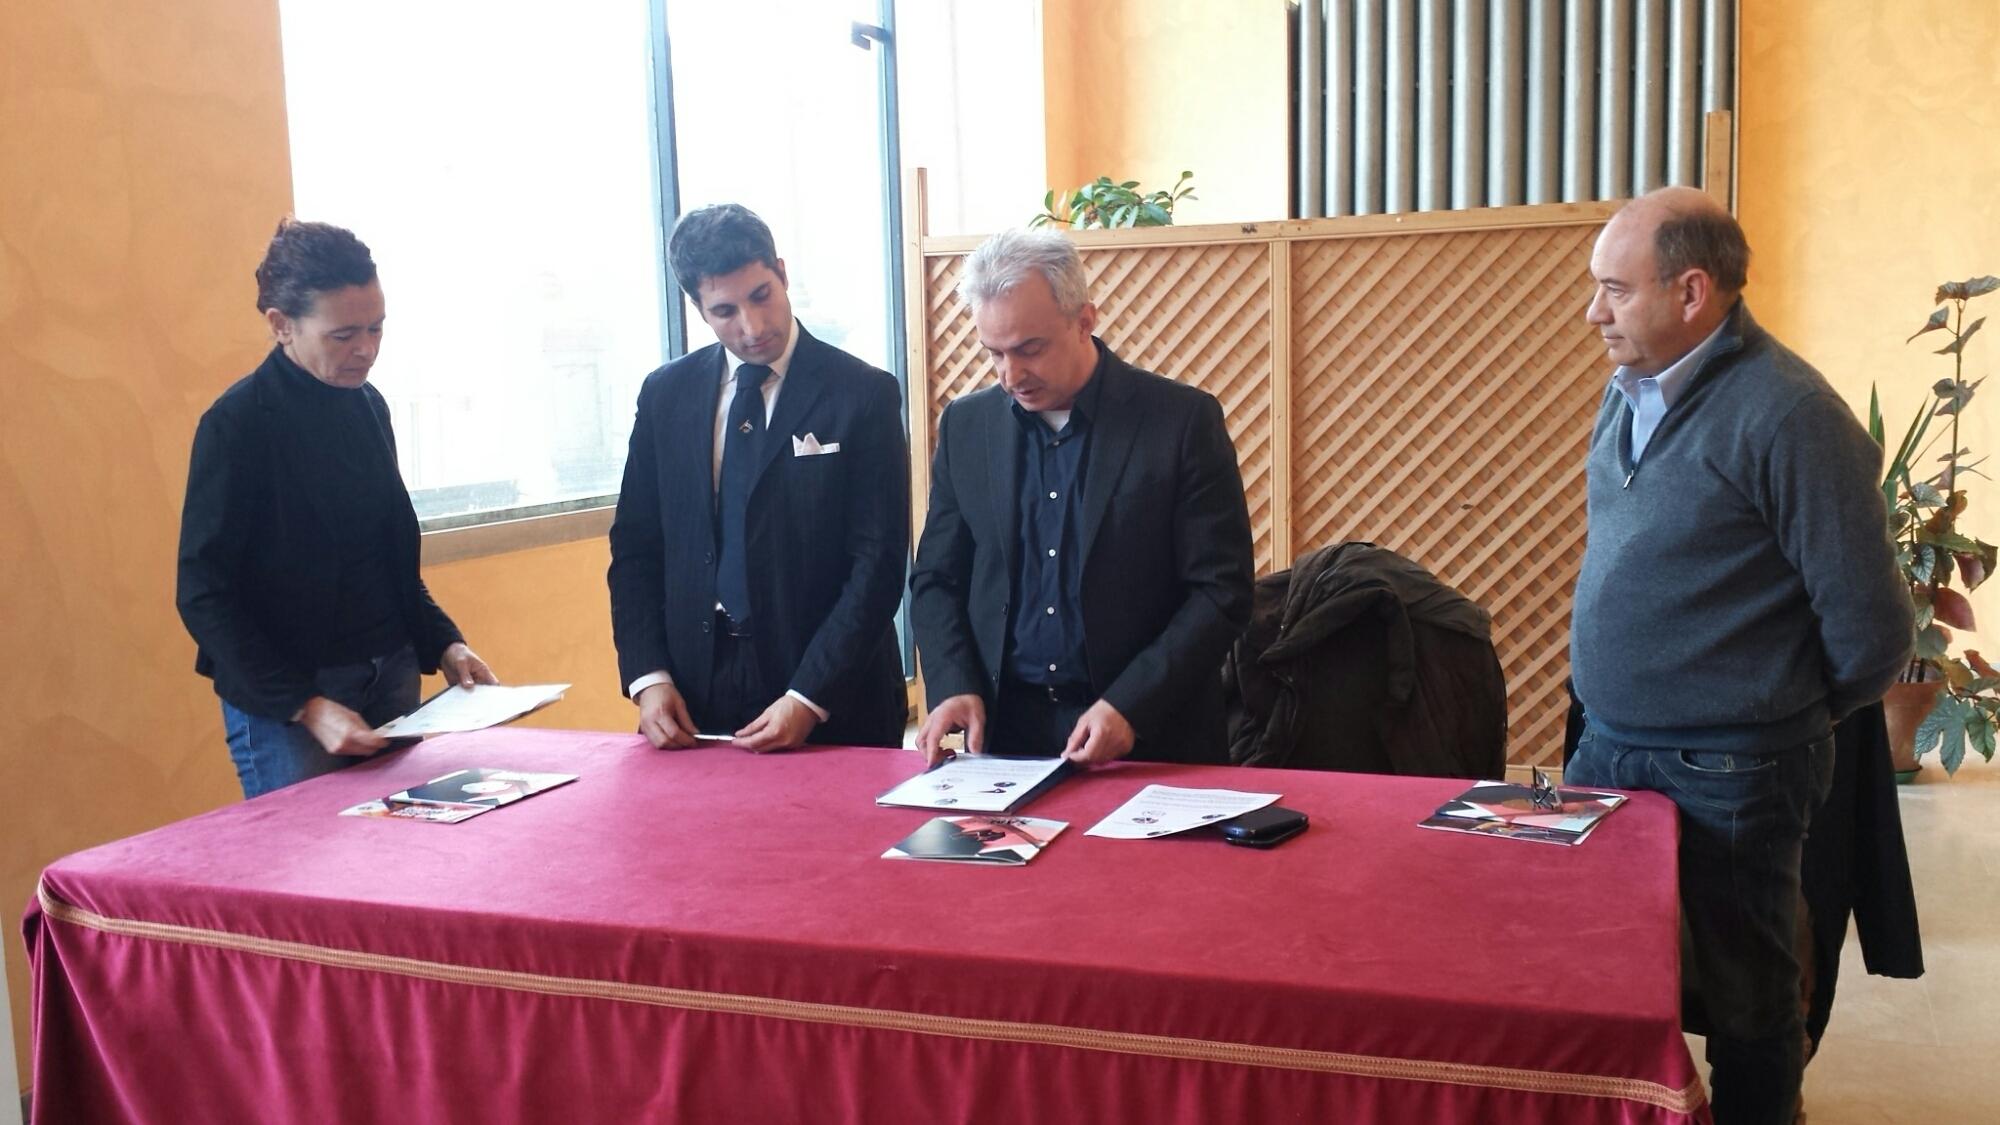 Arti Marziali a Crema Città Europea dello Sport. Firmato il del protocollo tra il comitato italiano Ju-Jitsu e l'associazione italiana Sambo Protocollo 4